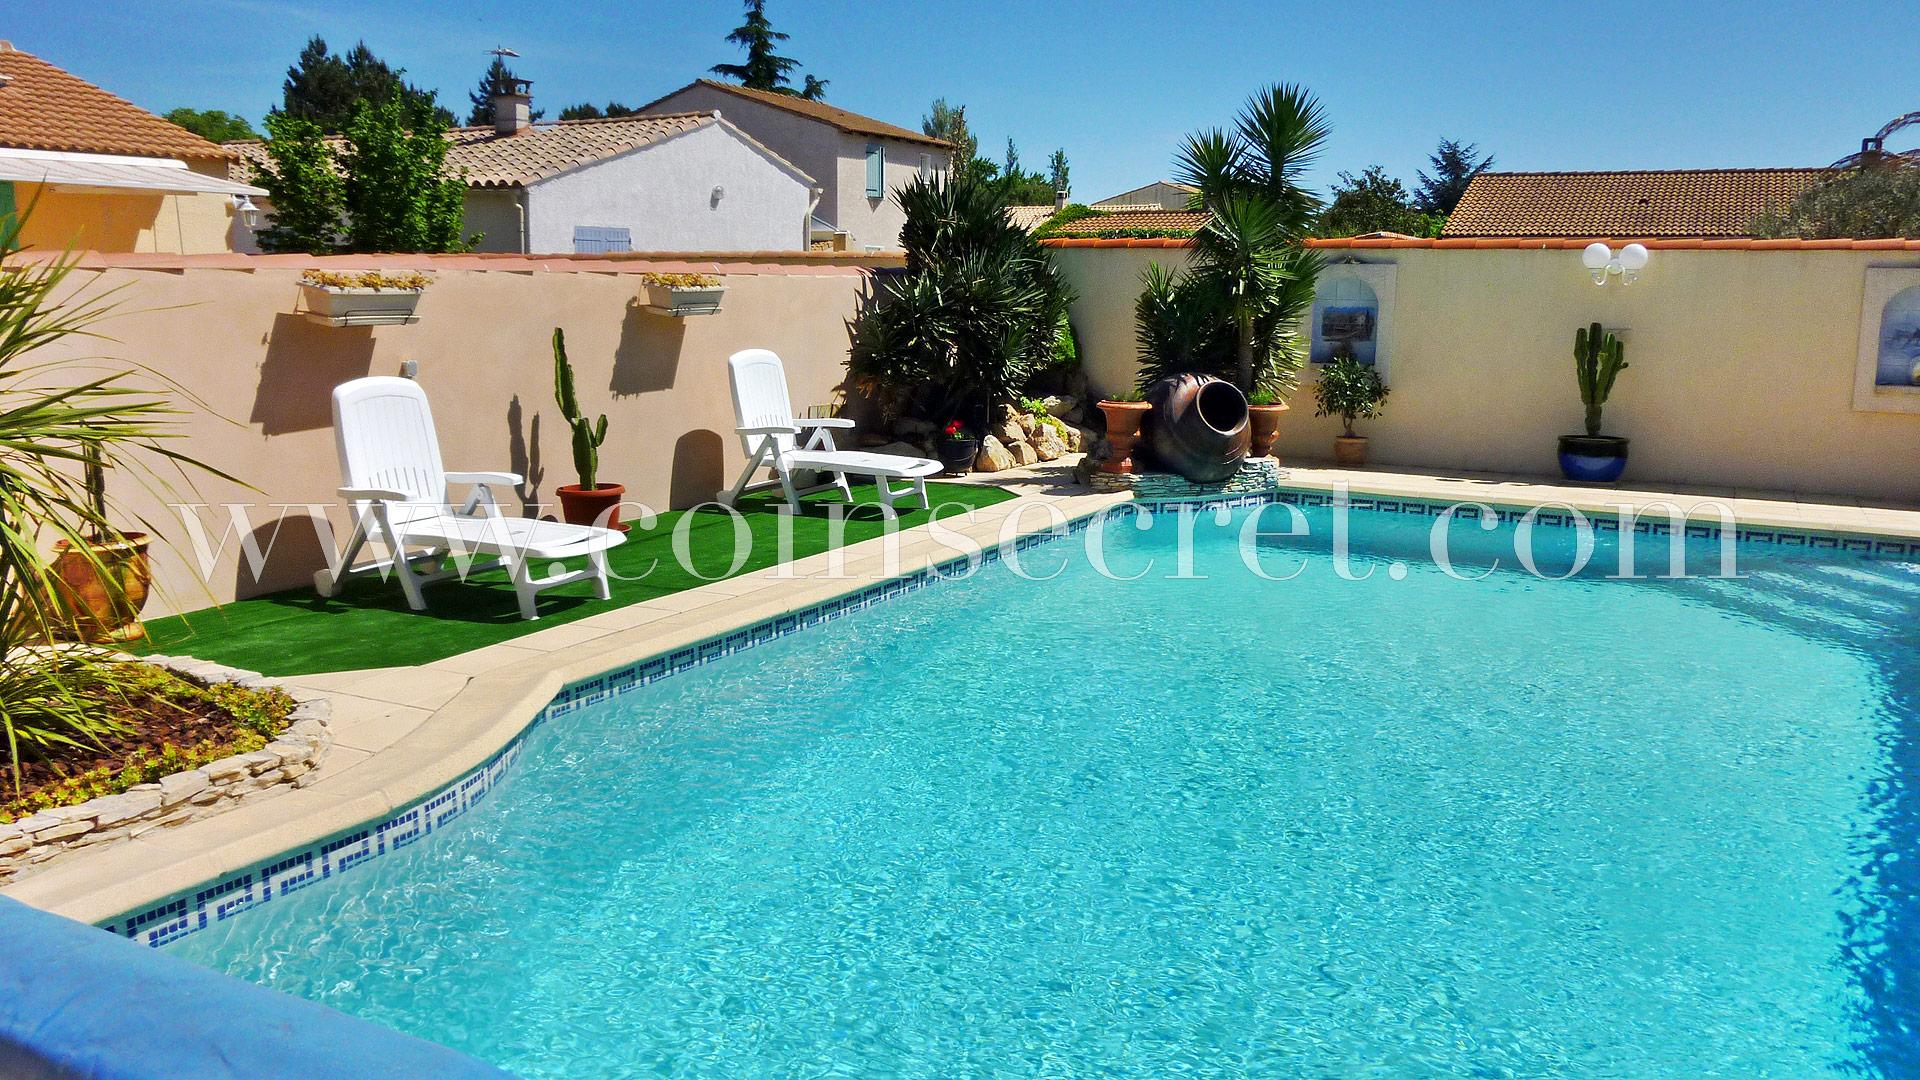 Location D'une Villa De Vacances Avec Piscine Privée En Provence serapportantà Piscine Saint Martin De Crau